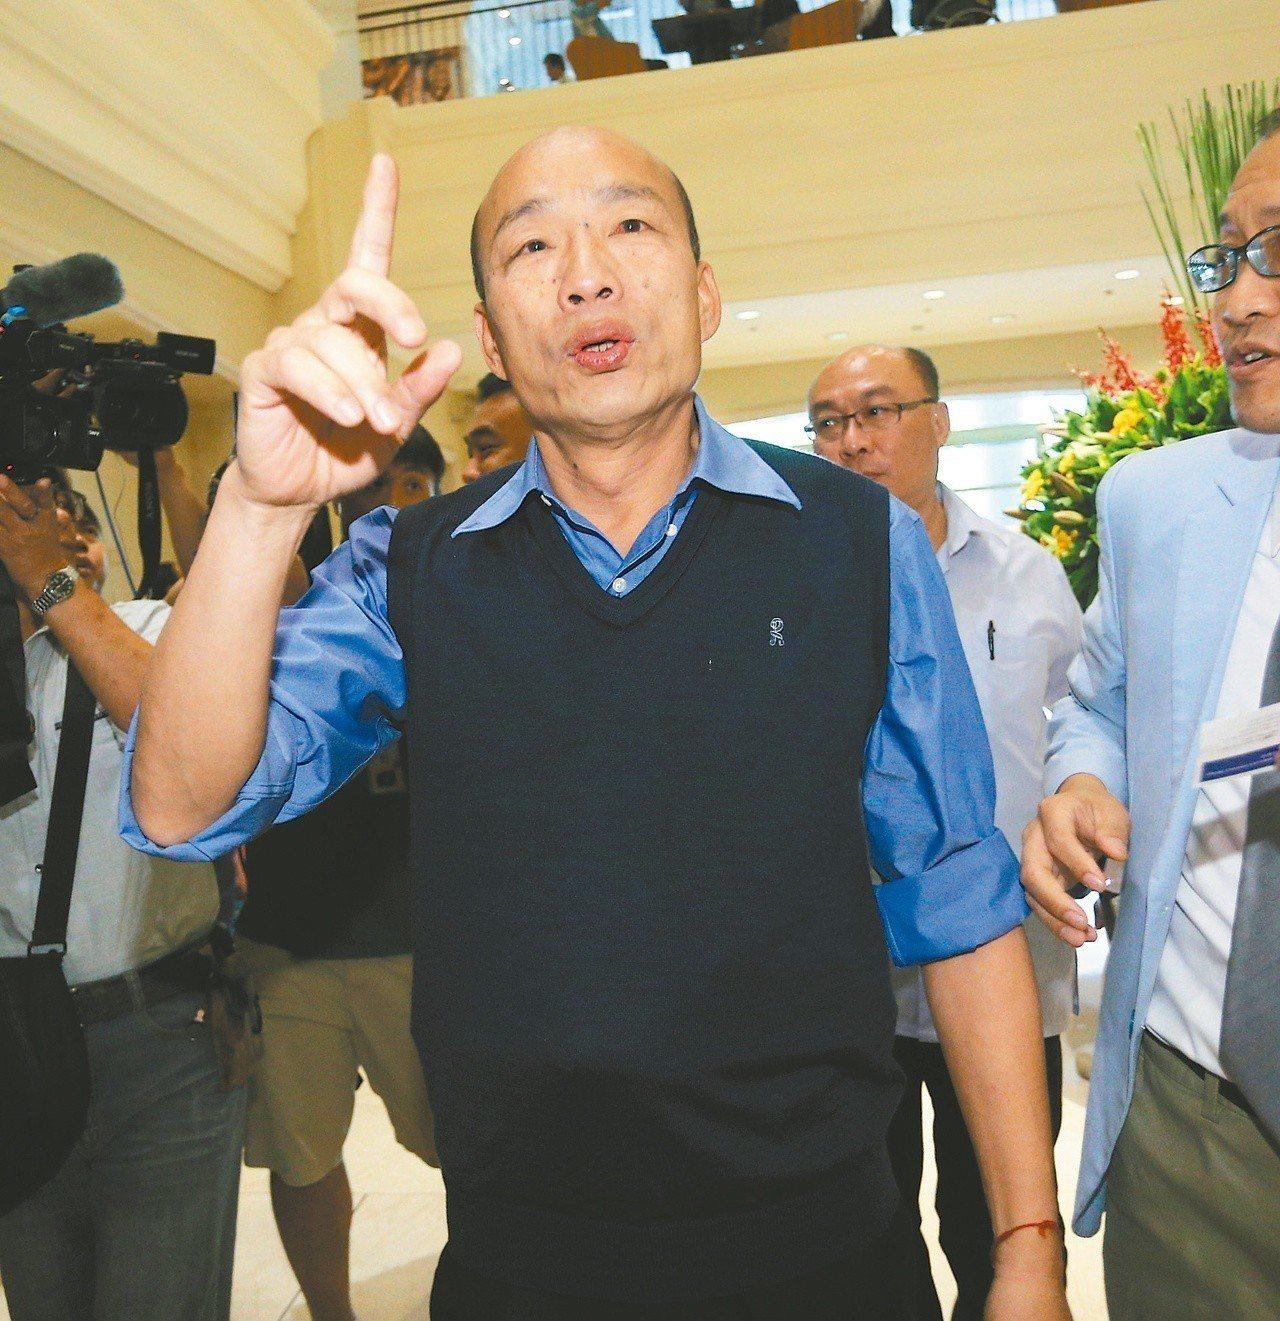 高雄市長韓國瑜今天在臉書Po文,強調「『愛與包容』」永遠在」,並喊話「『冒牌韓粉...